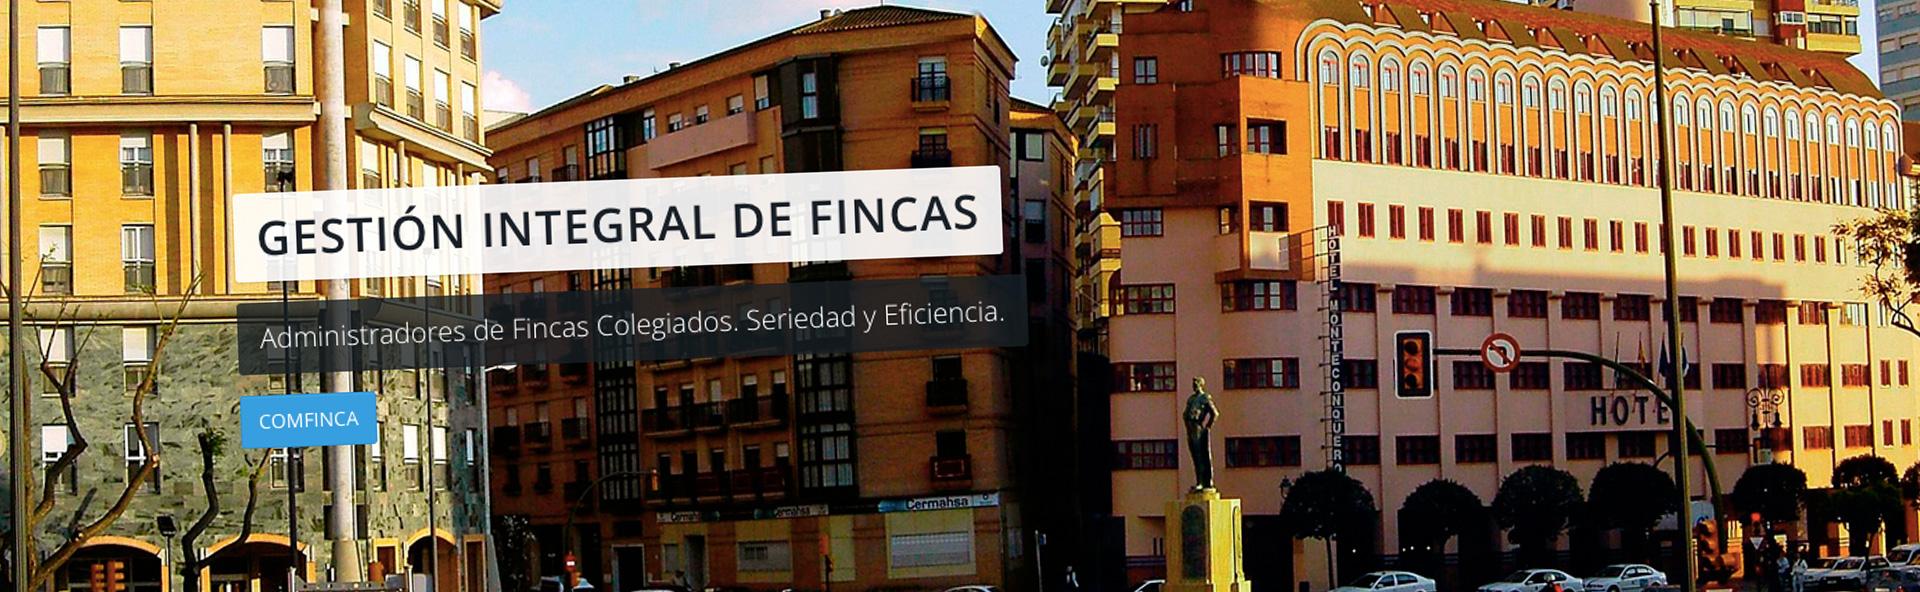 Administradores de fincas en Huelva